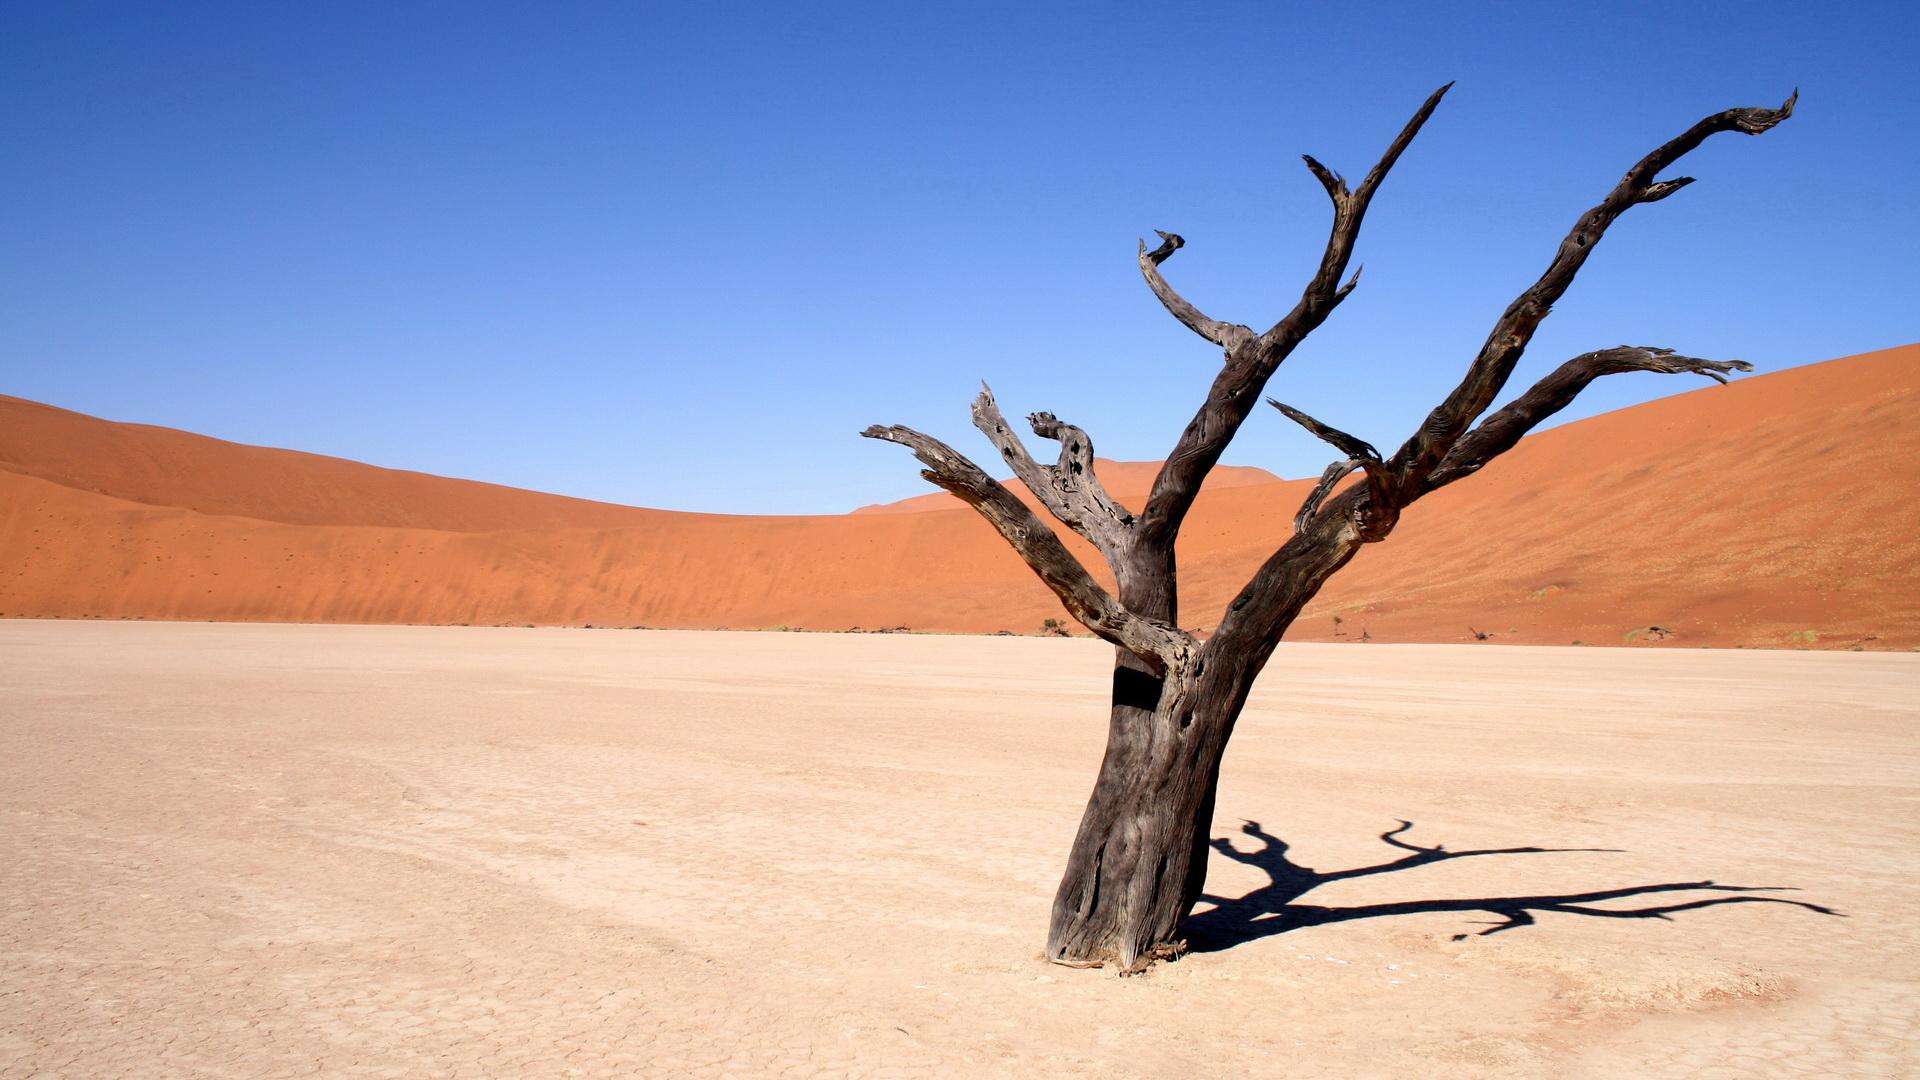 植树节,我们聊聊环保; 沙漠 枯树; 沙漠 枯树摄影图